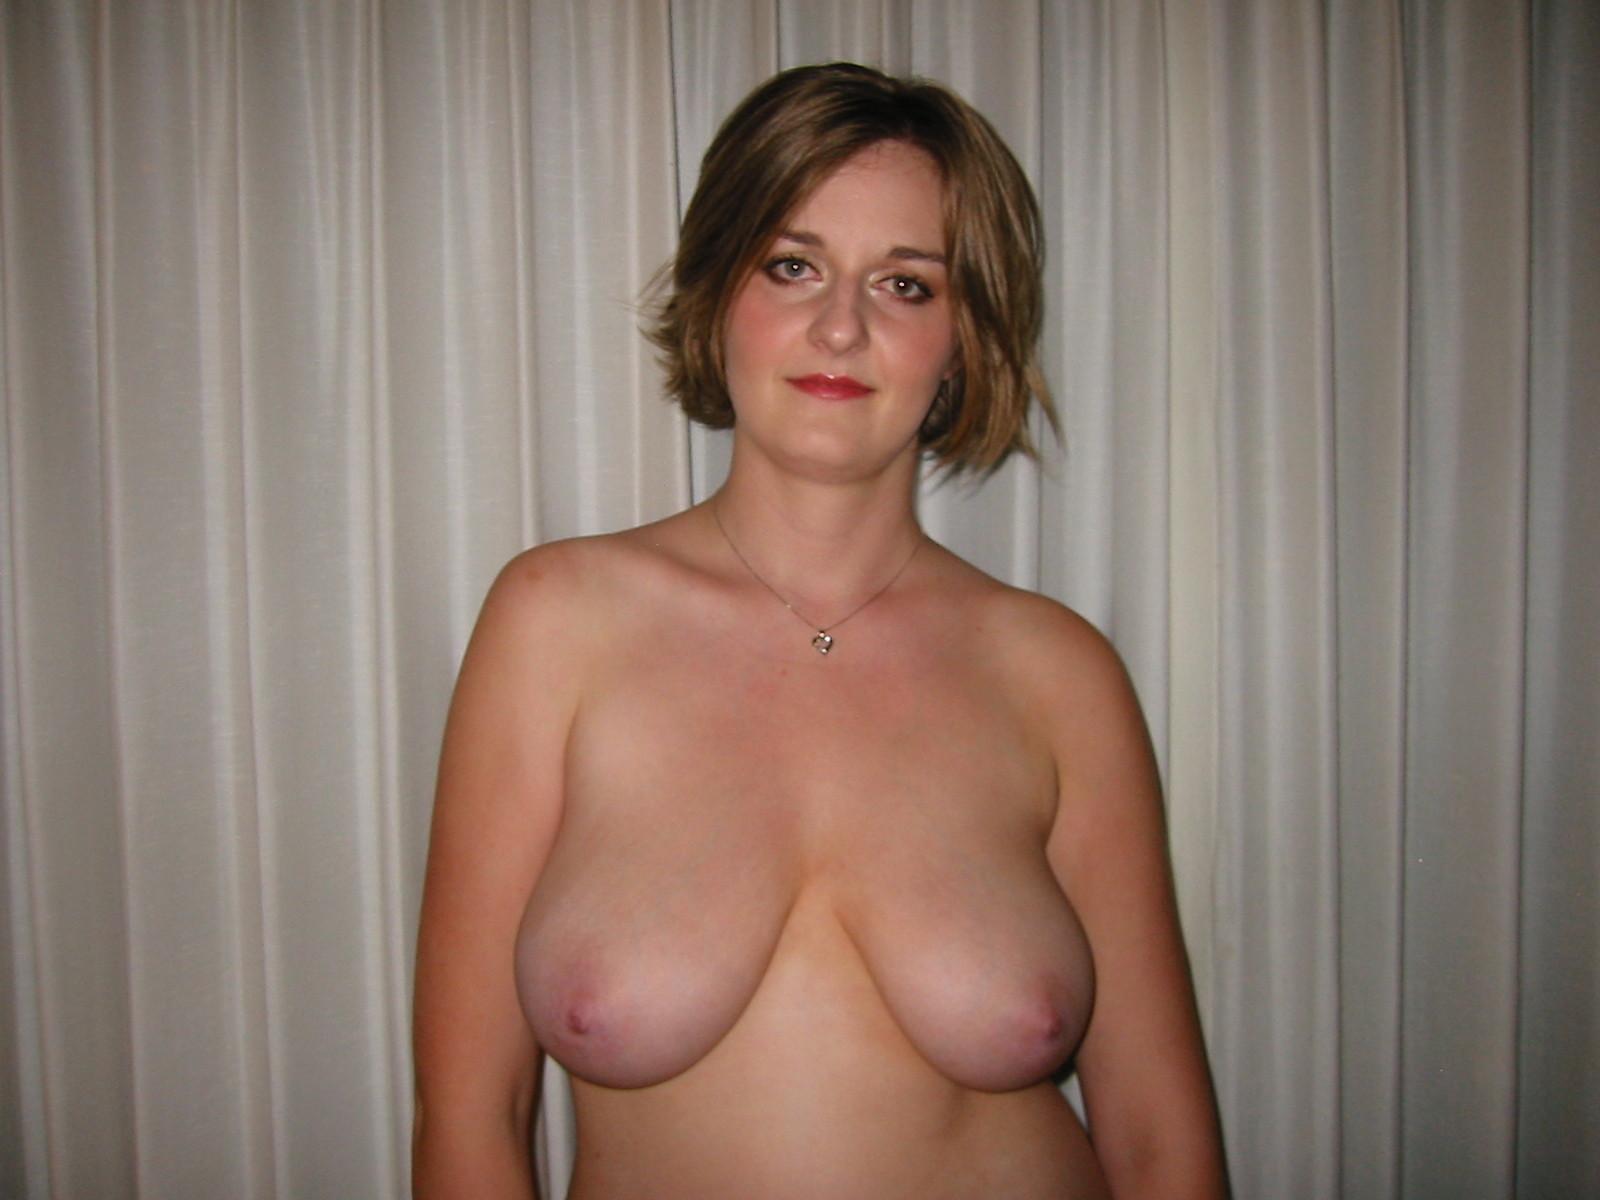 Big Tits 9